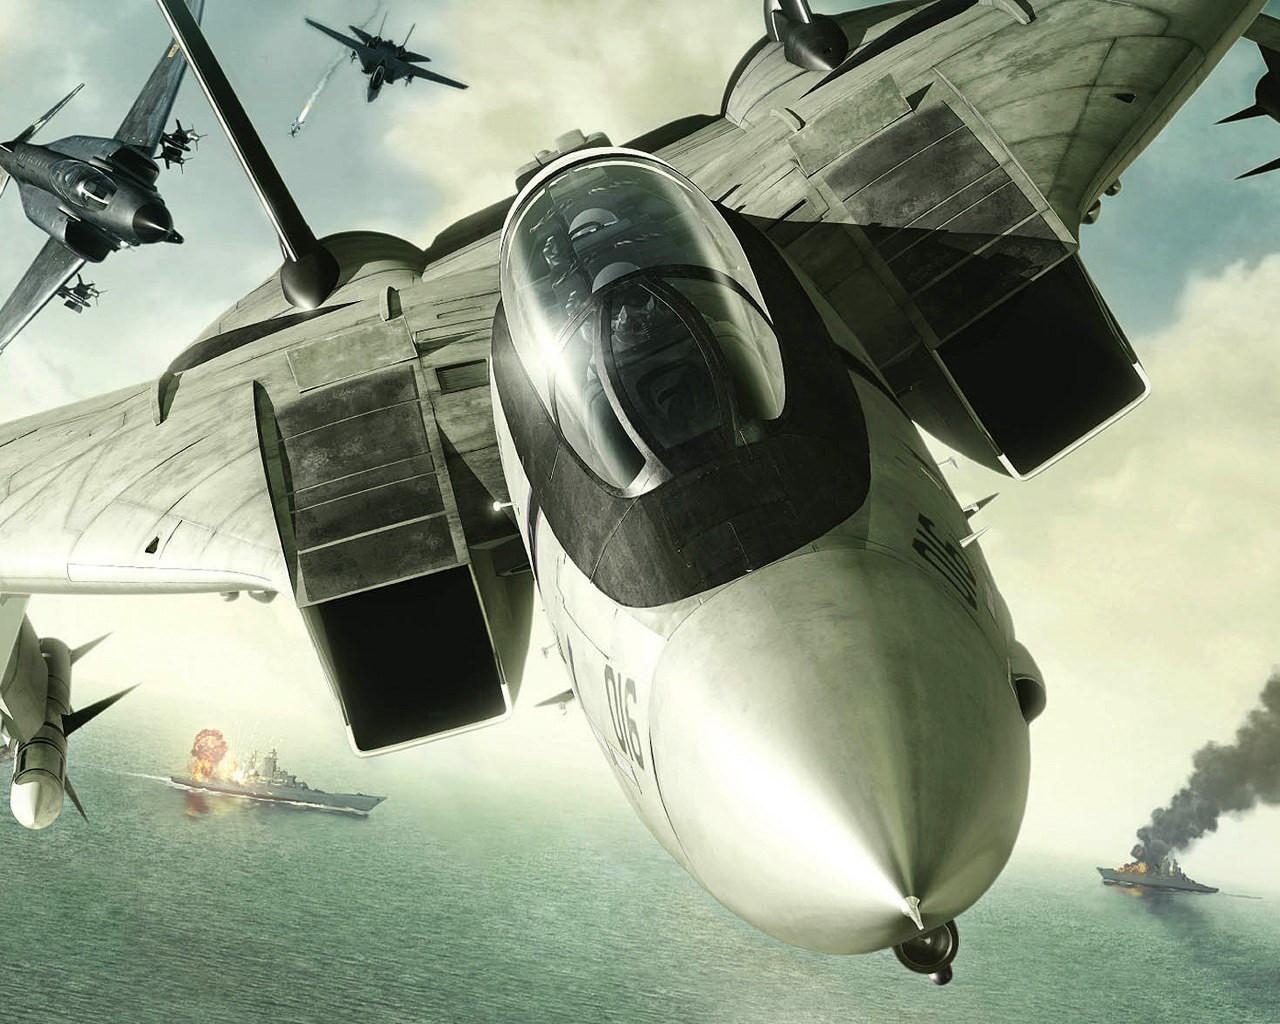 истребитель, фото обои на рабочий стол, реактивный самолет